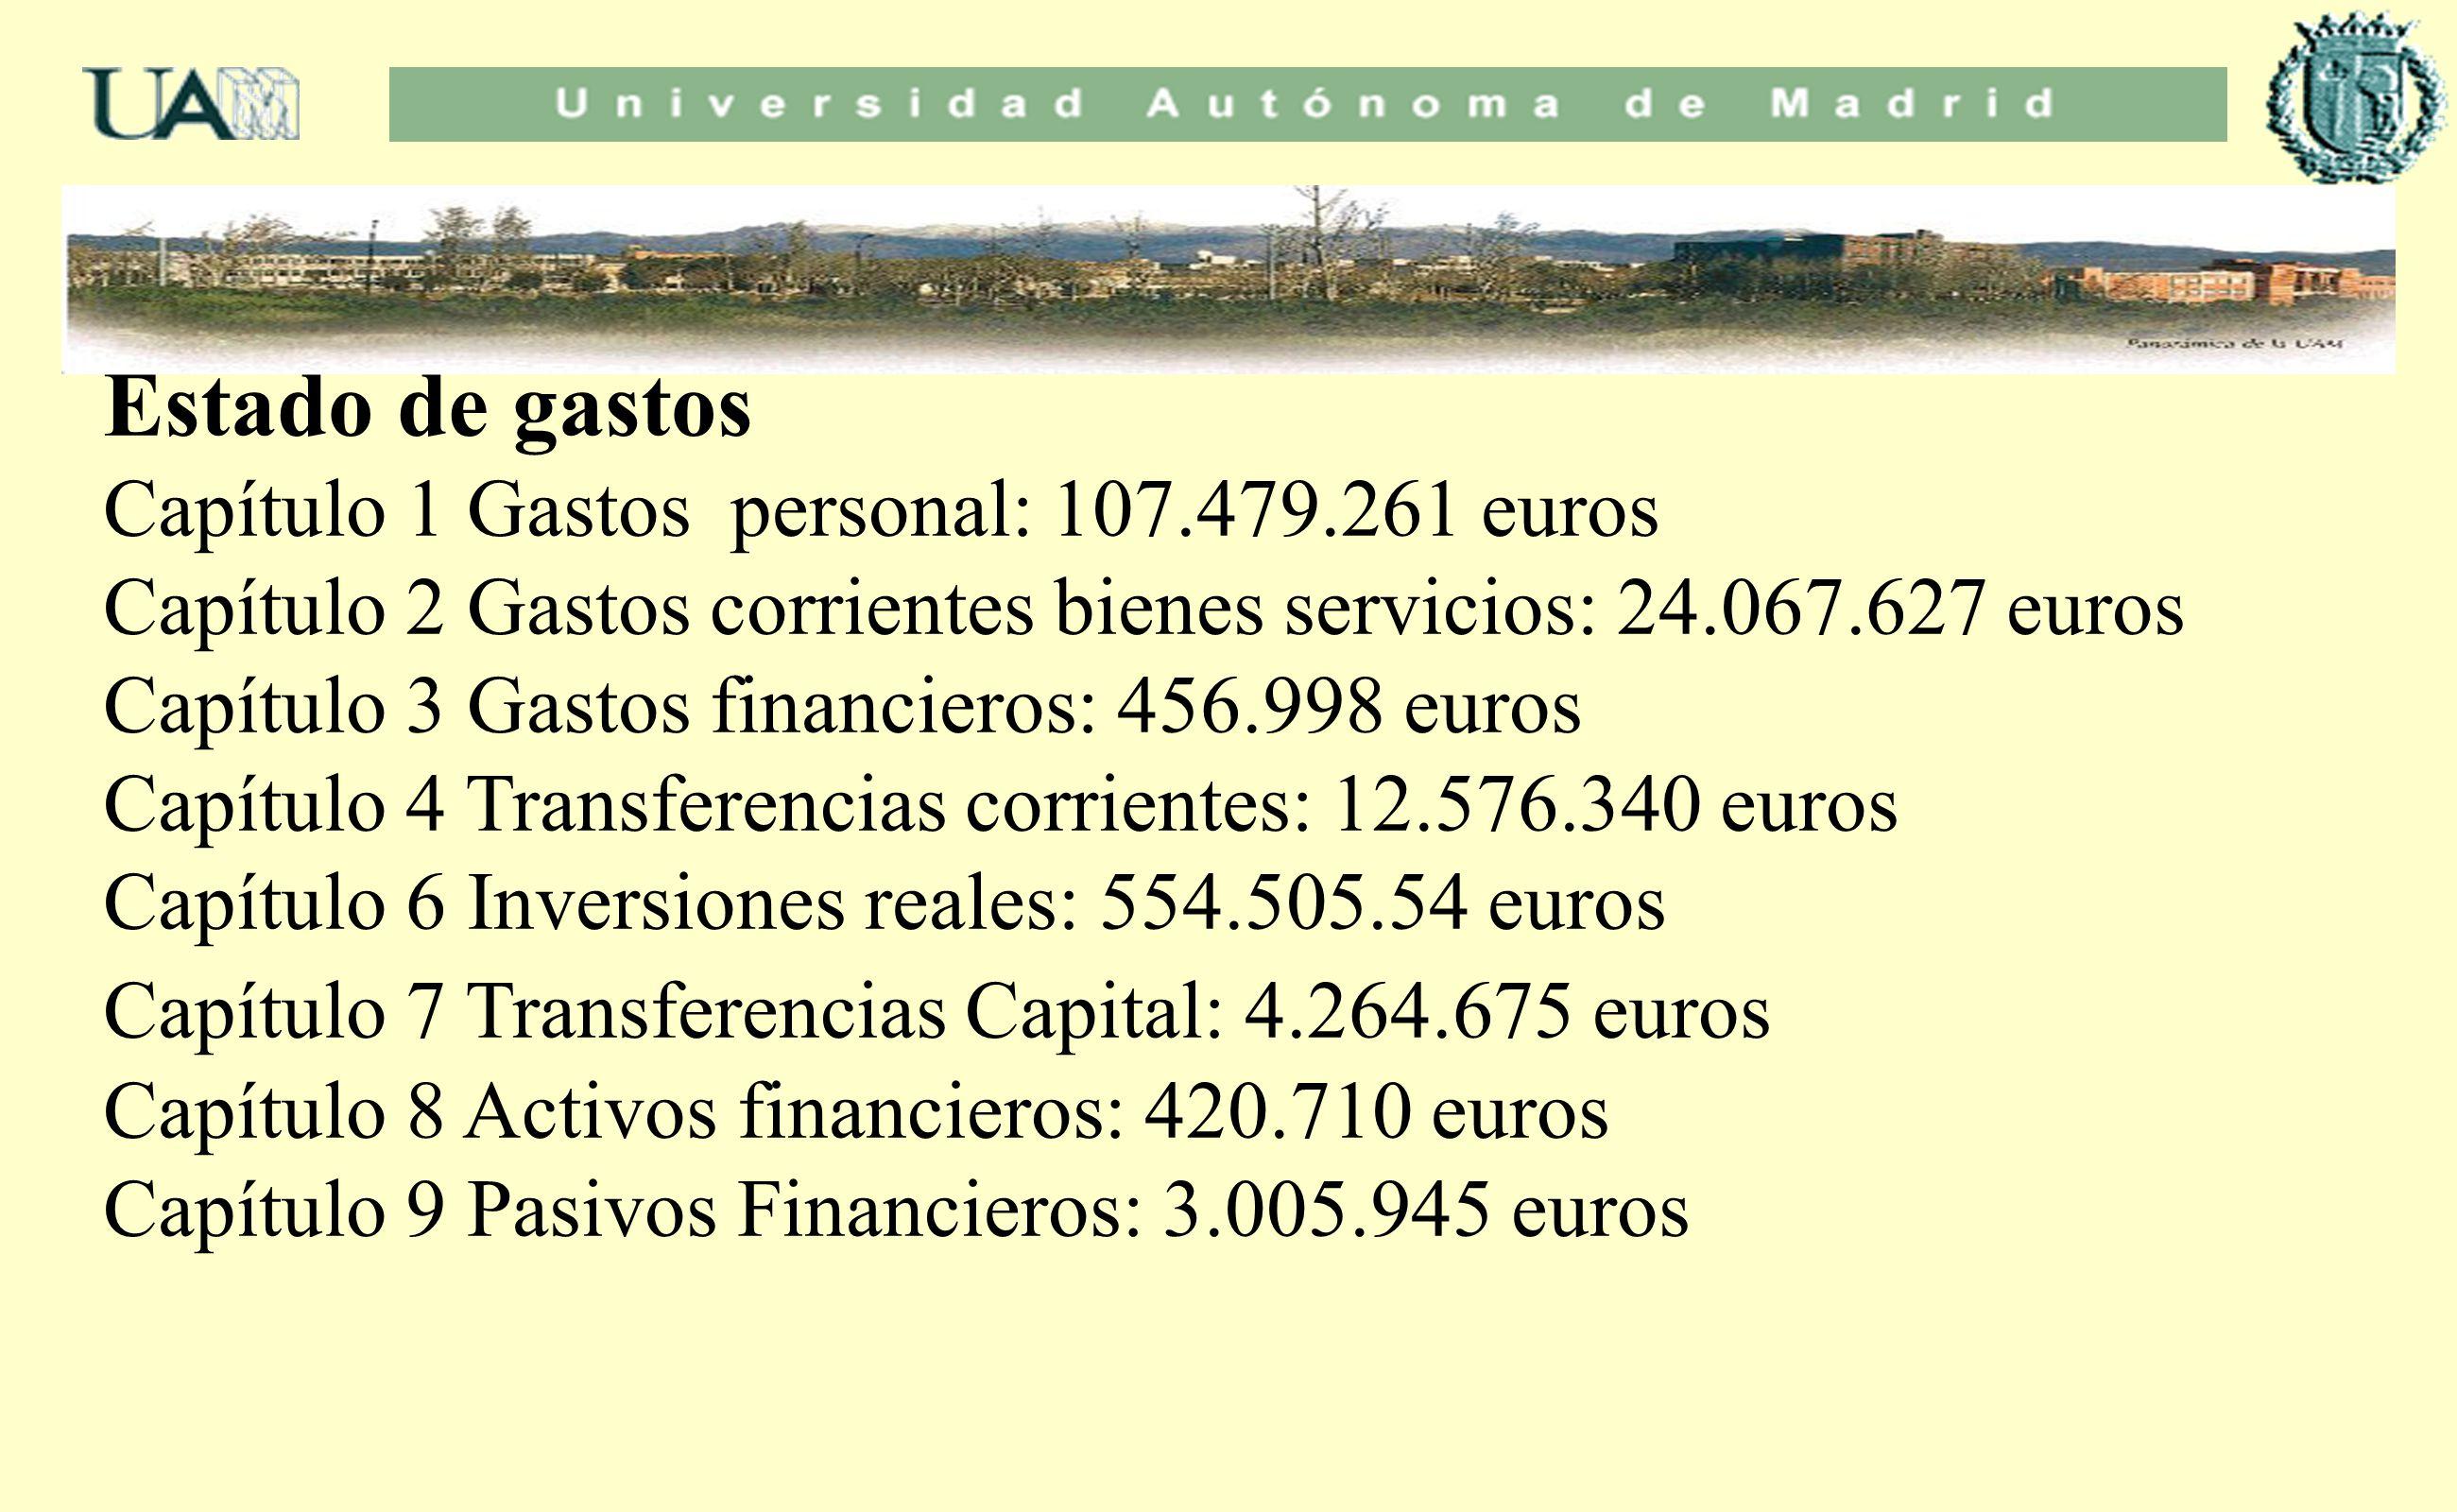 Estado de gastos Capítulo 1 Gastos personal: 107.479.261 euros